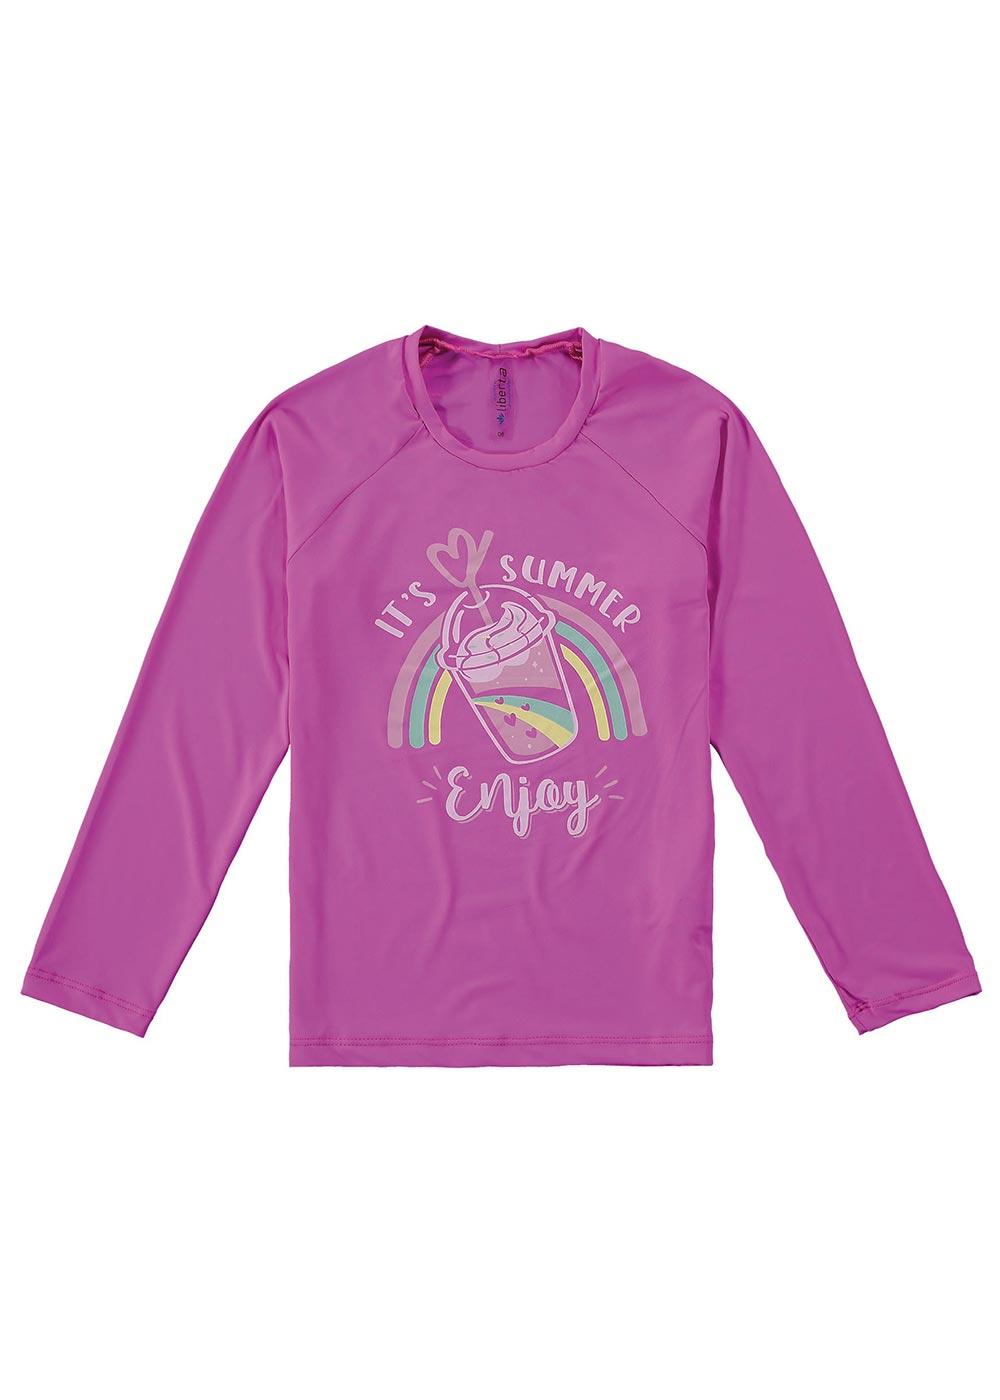 Blusa com Proteção UV Infantil Feminino Verão Rosa Enjoy - Malwee